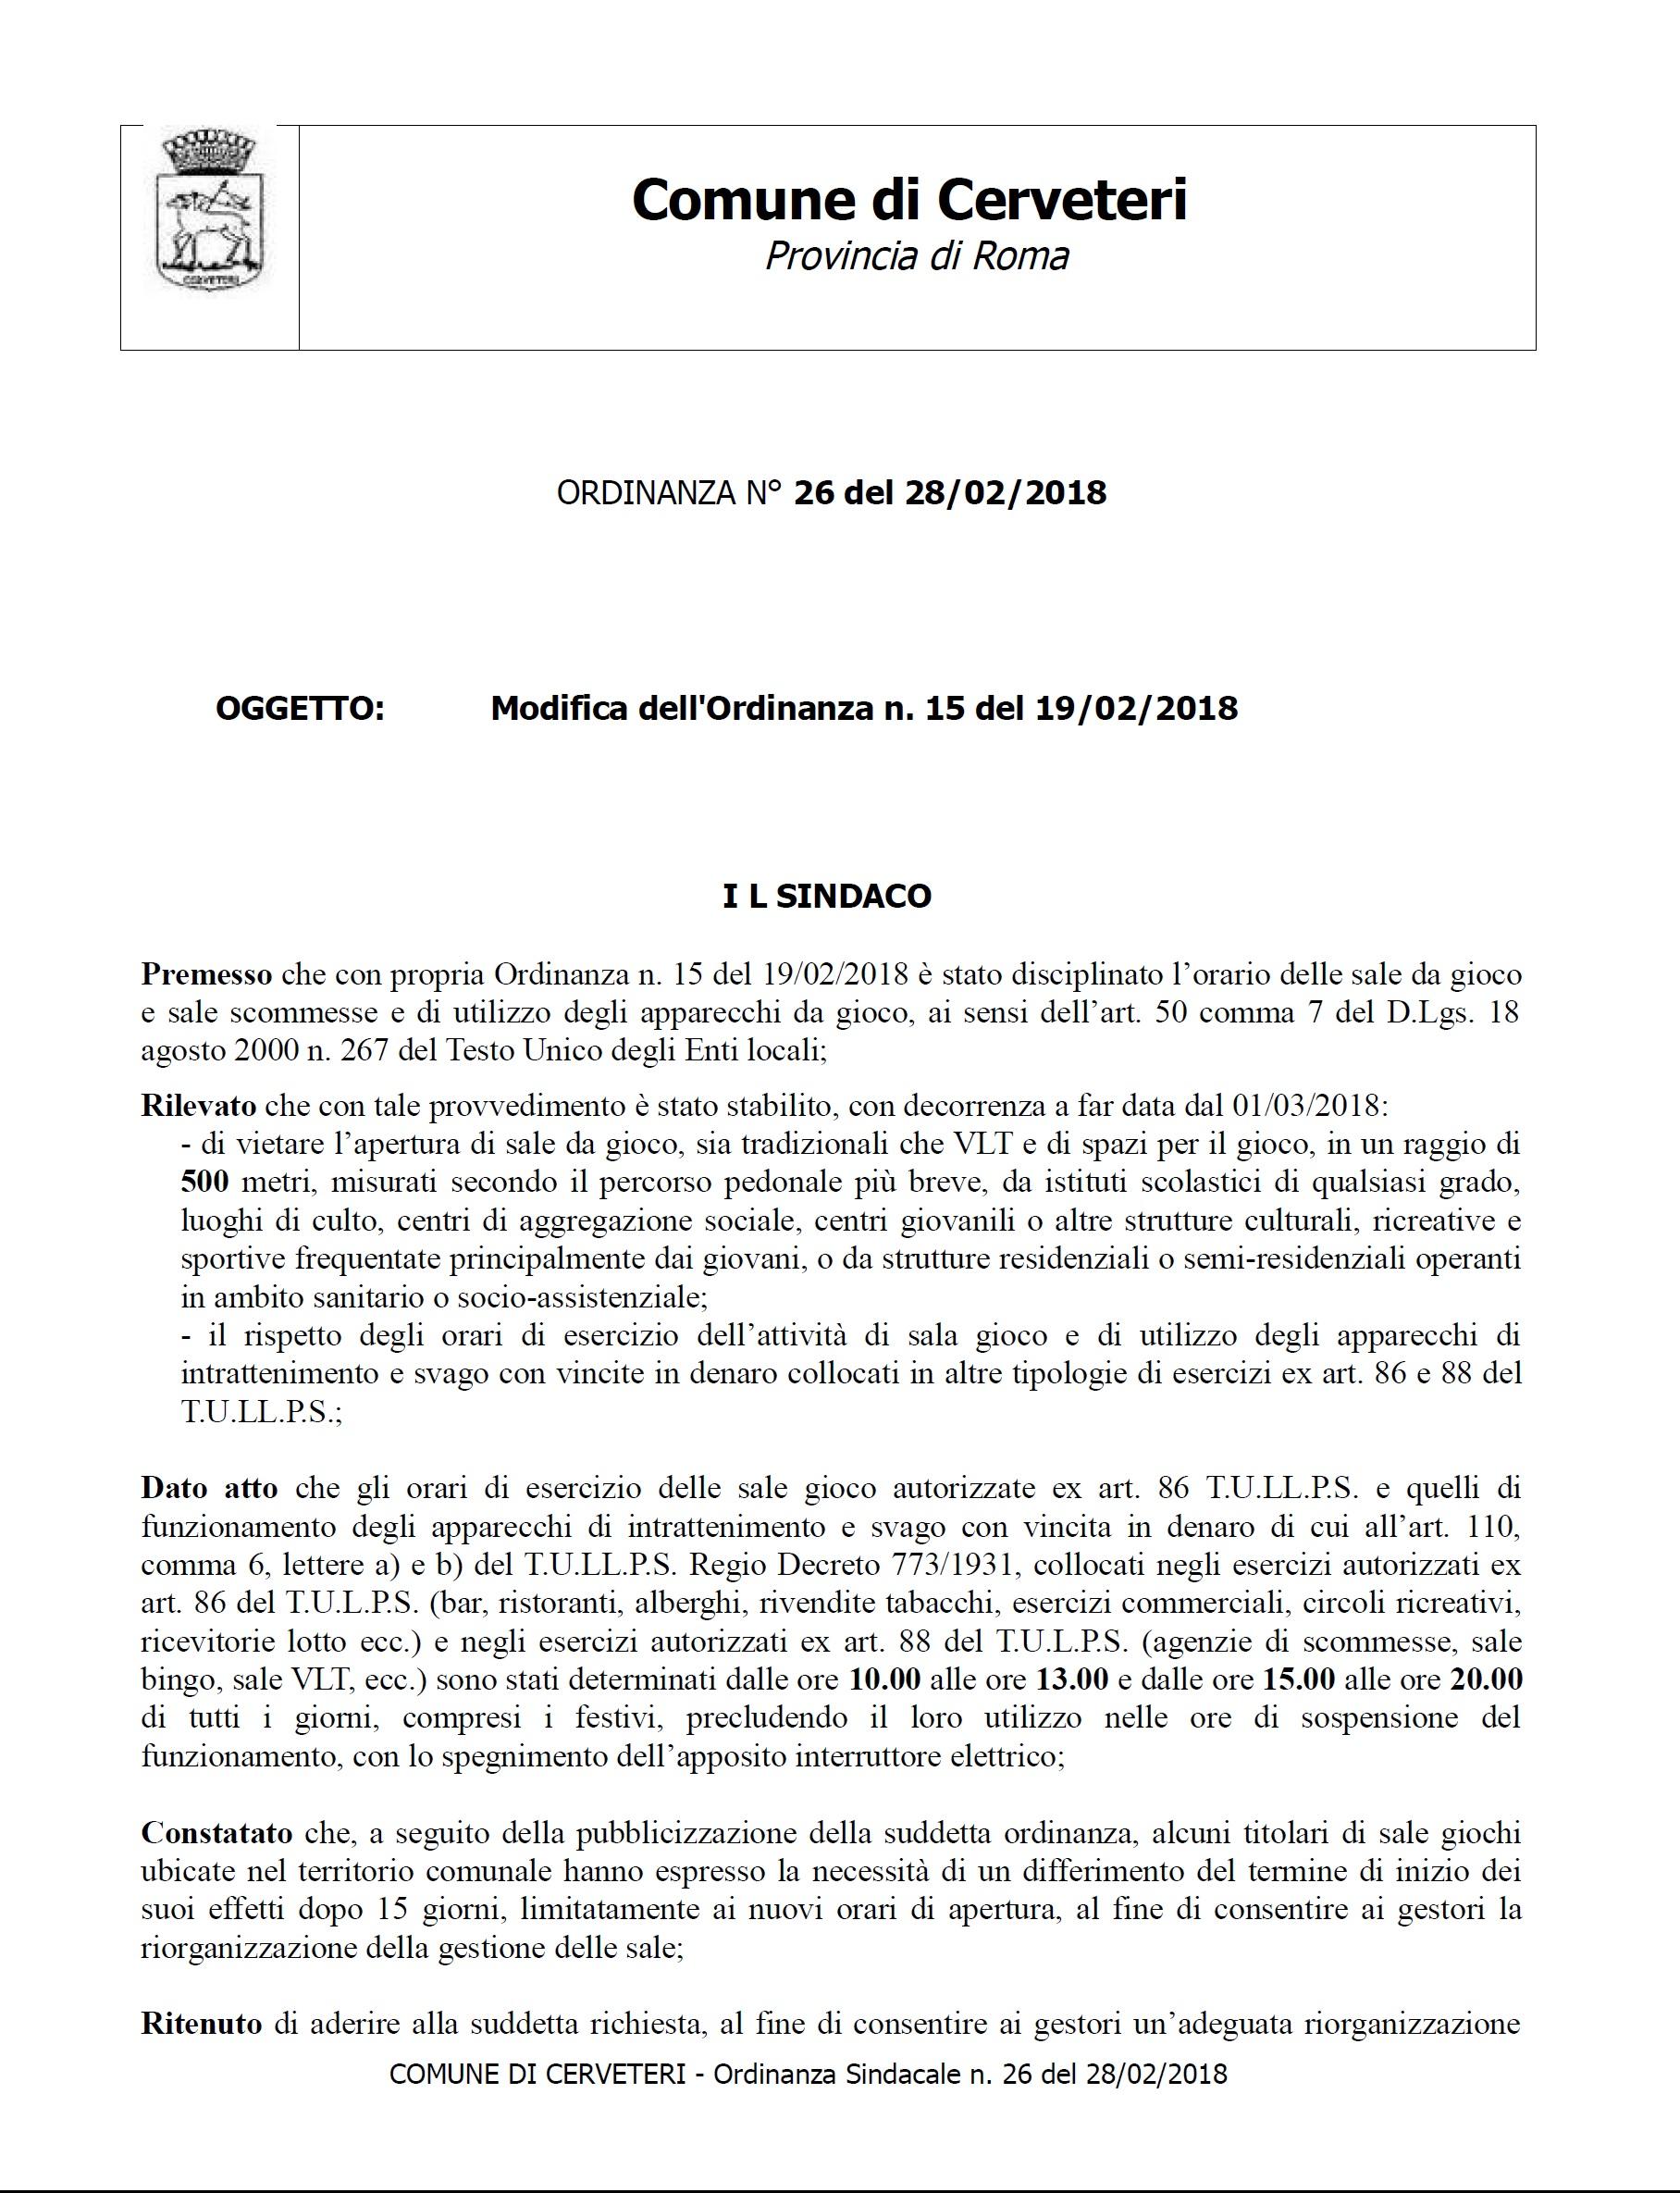 ORDINANZA DEL SINDACO n. 26 del 28/02/2018